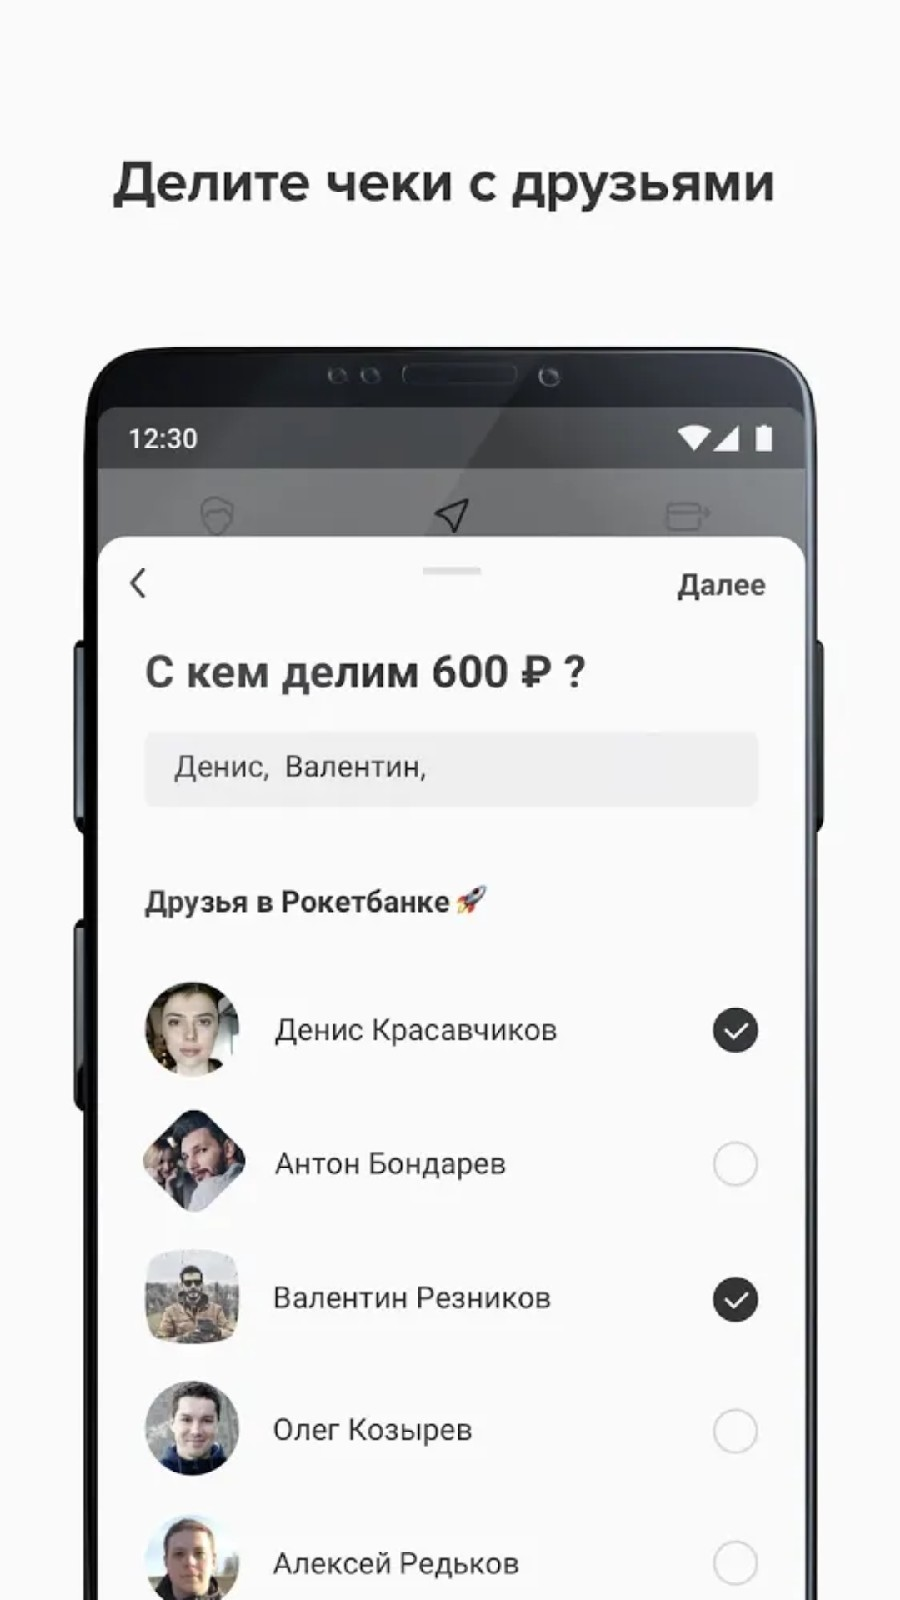 Новое приложение Рокетбанк ИКС для Android как разделить счет с друзьями